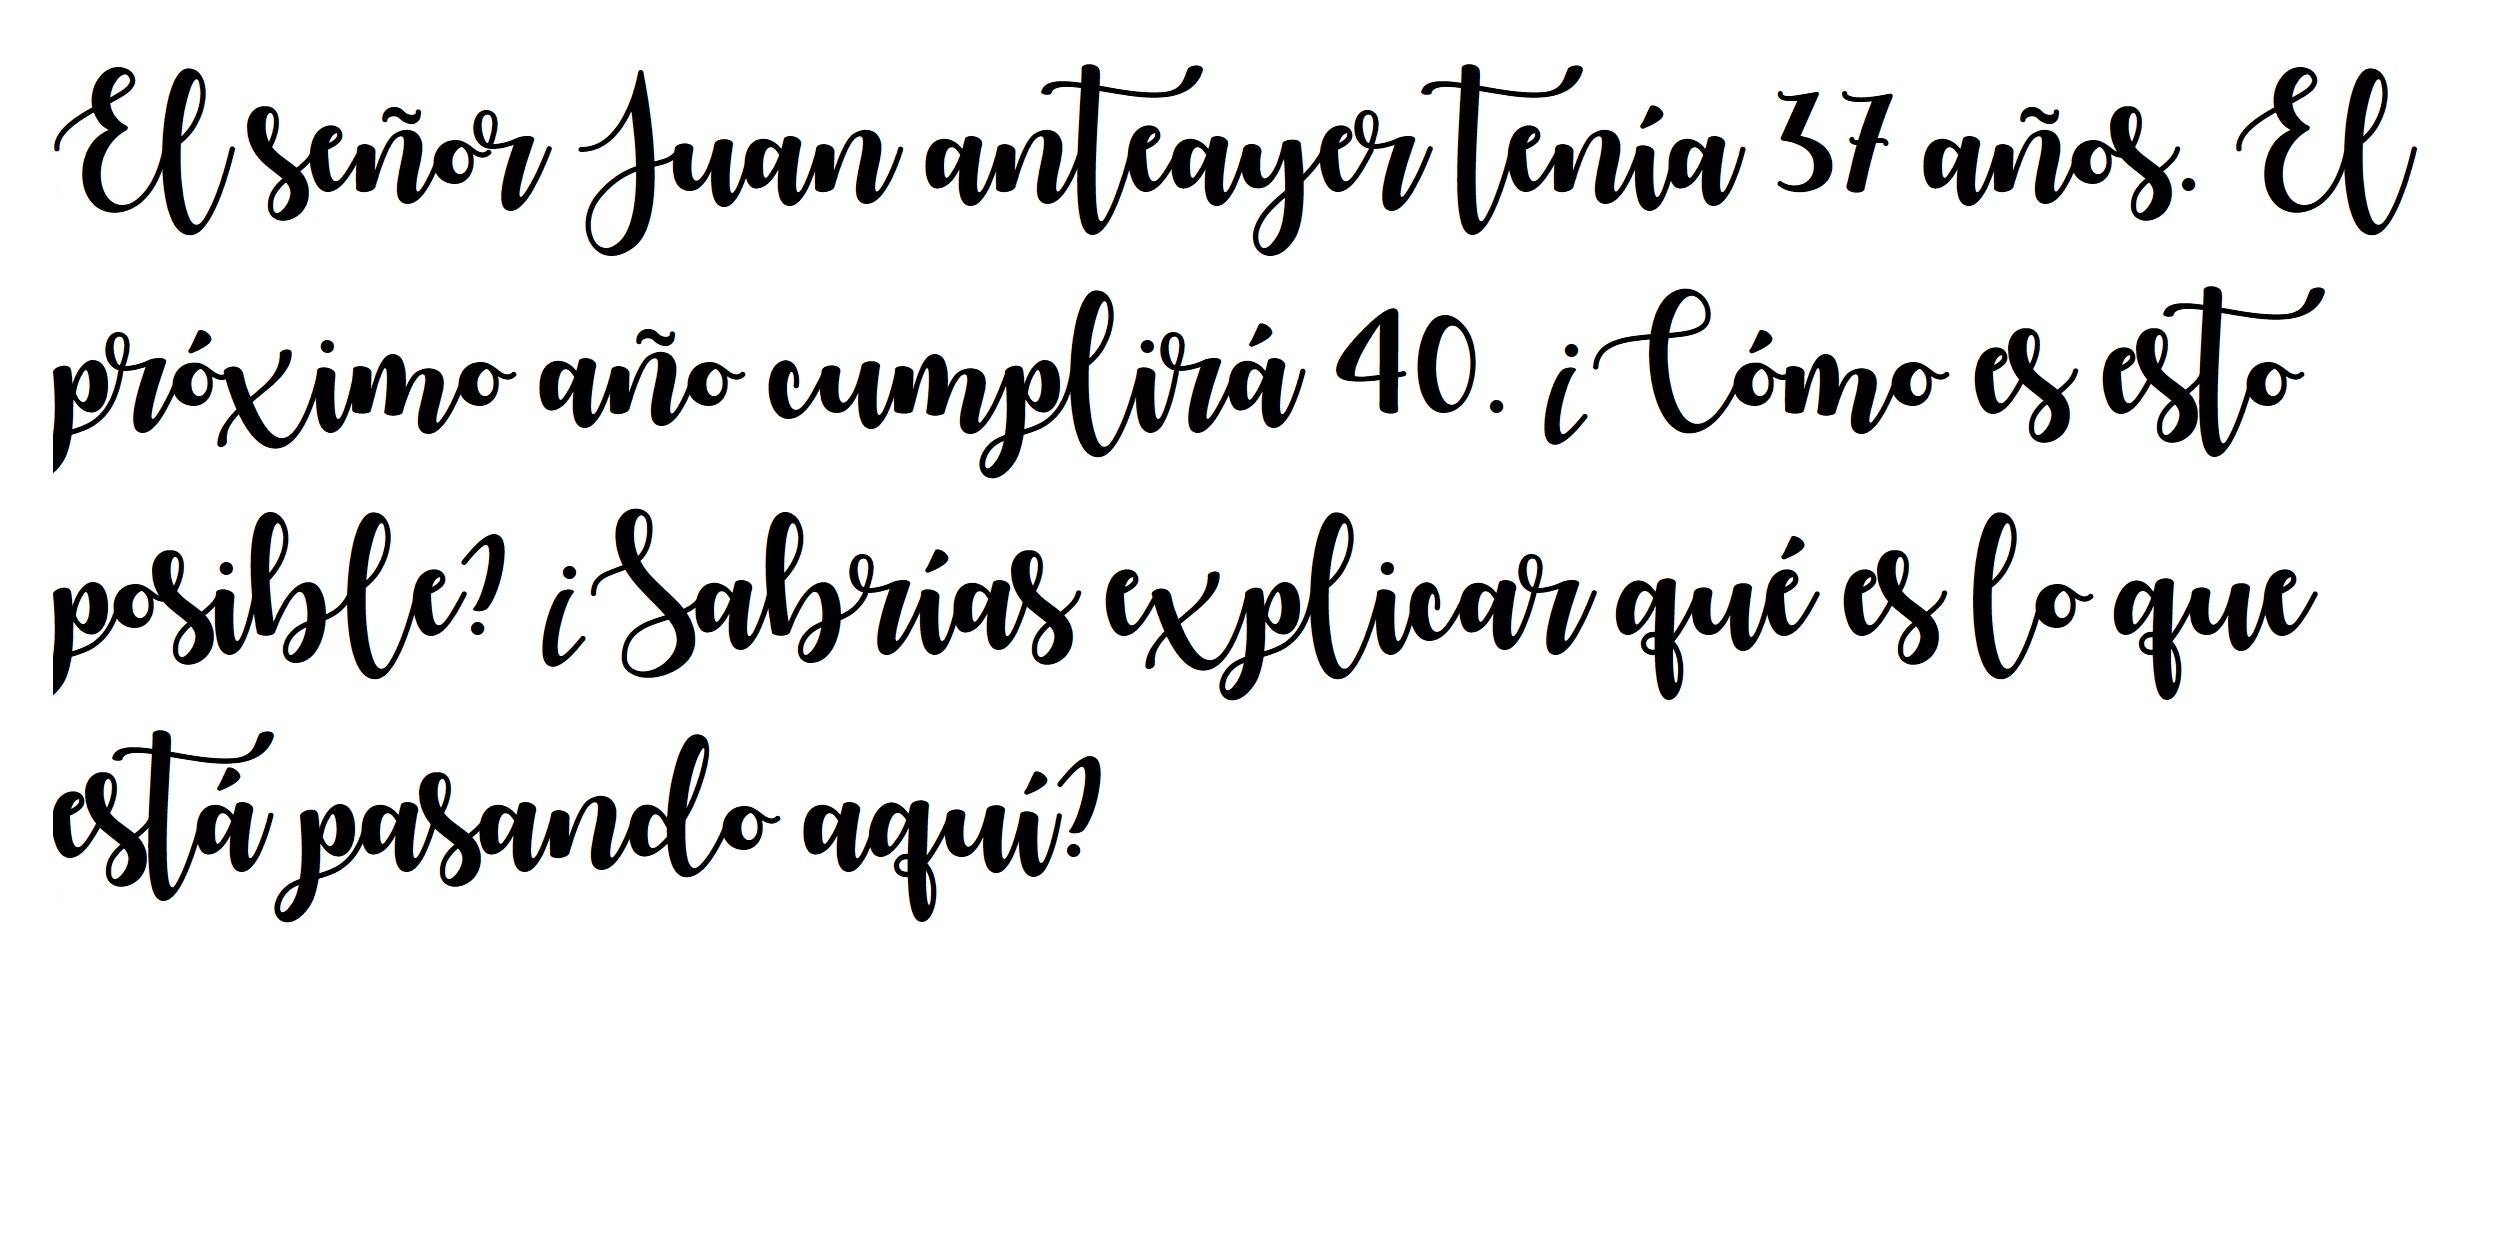 El señor Juan anteayer tenía 37 años. El próximo año cumplirá 40. ¿Cómo es esto posible? ¿Sabrías explicar qué es lo que está pasando aquí?